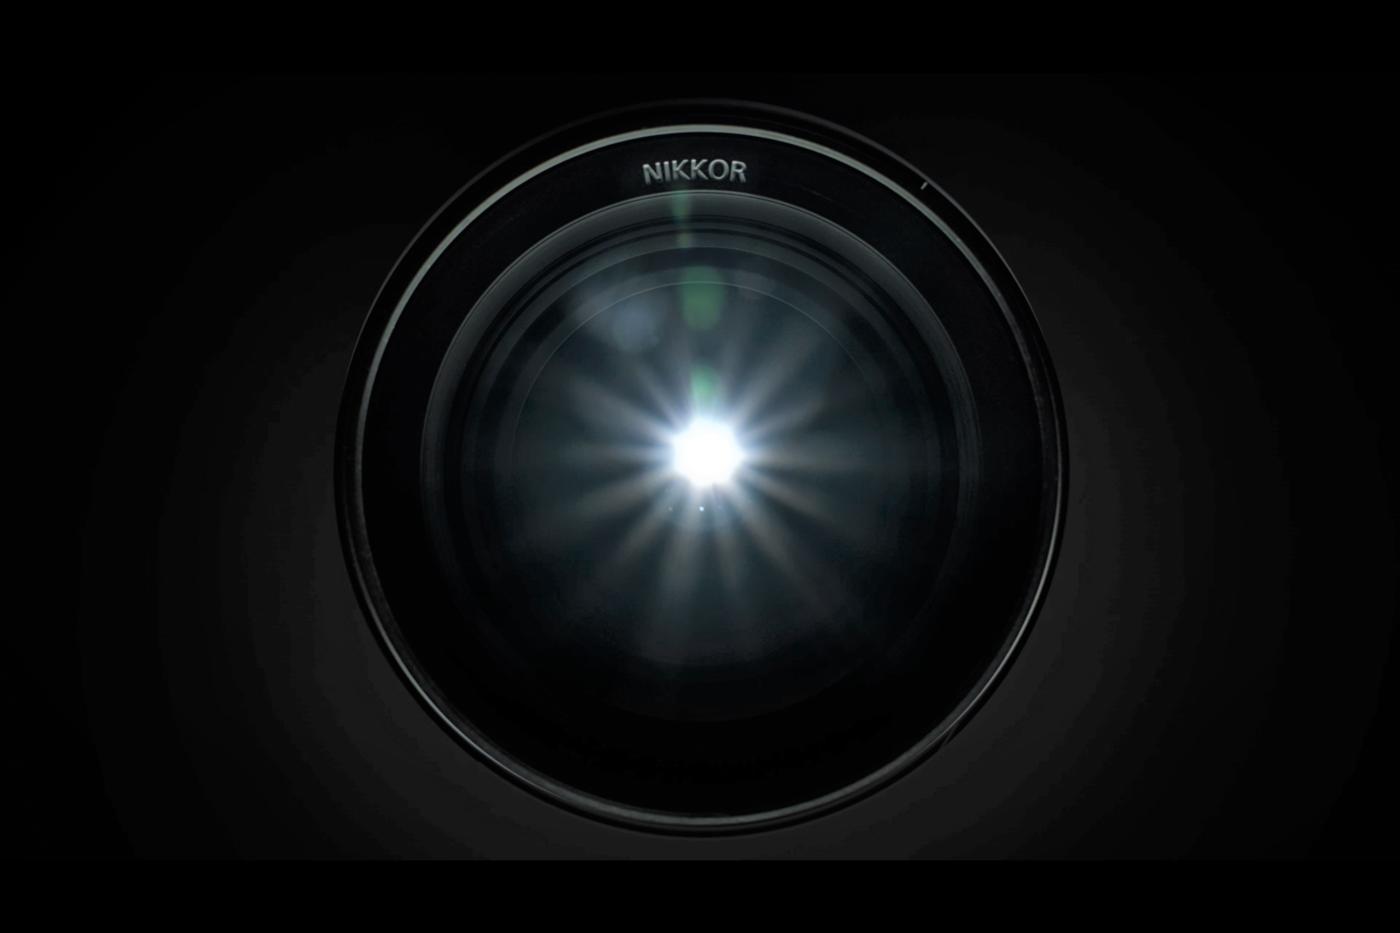 ニコンが新型ミラーレスカメラに関する第4弾ティザー動画を公開